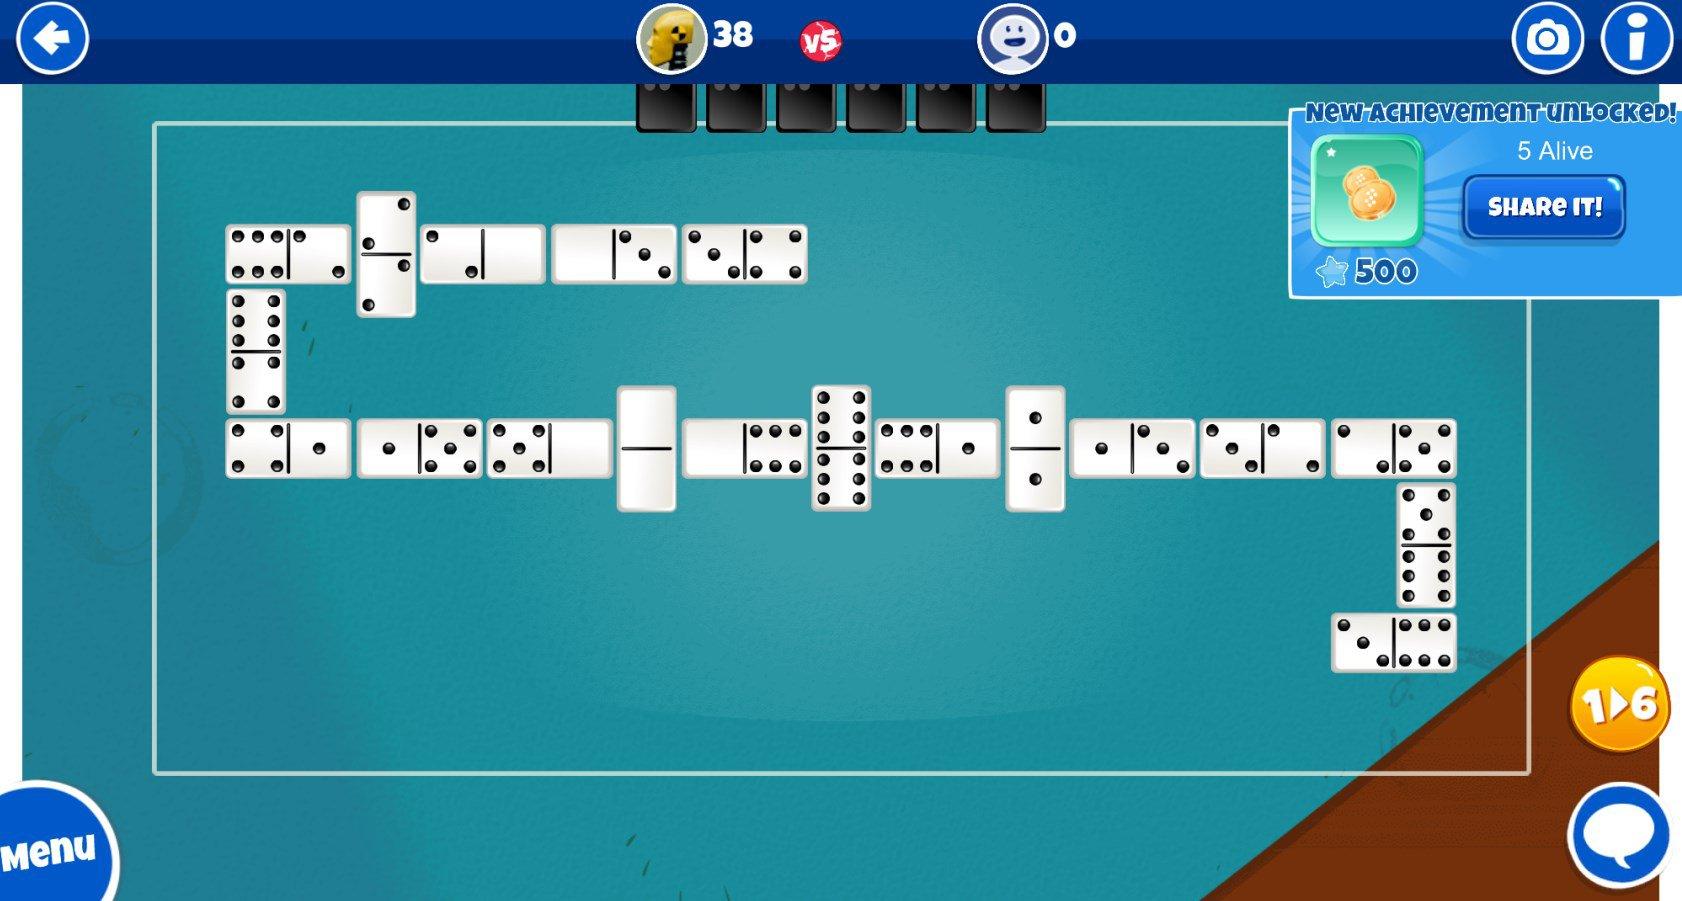 Domino Online 2.10.0 - Télécharger Pour Android Apk Gratuitement tout Jouer Au Domino Gratuitement